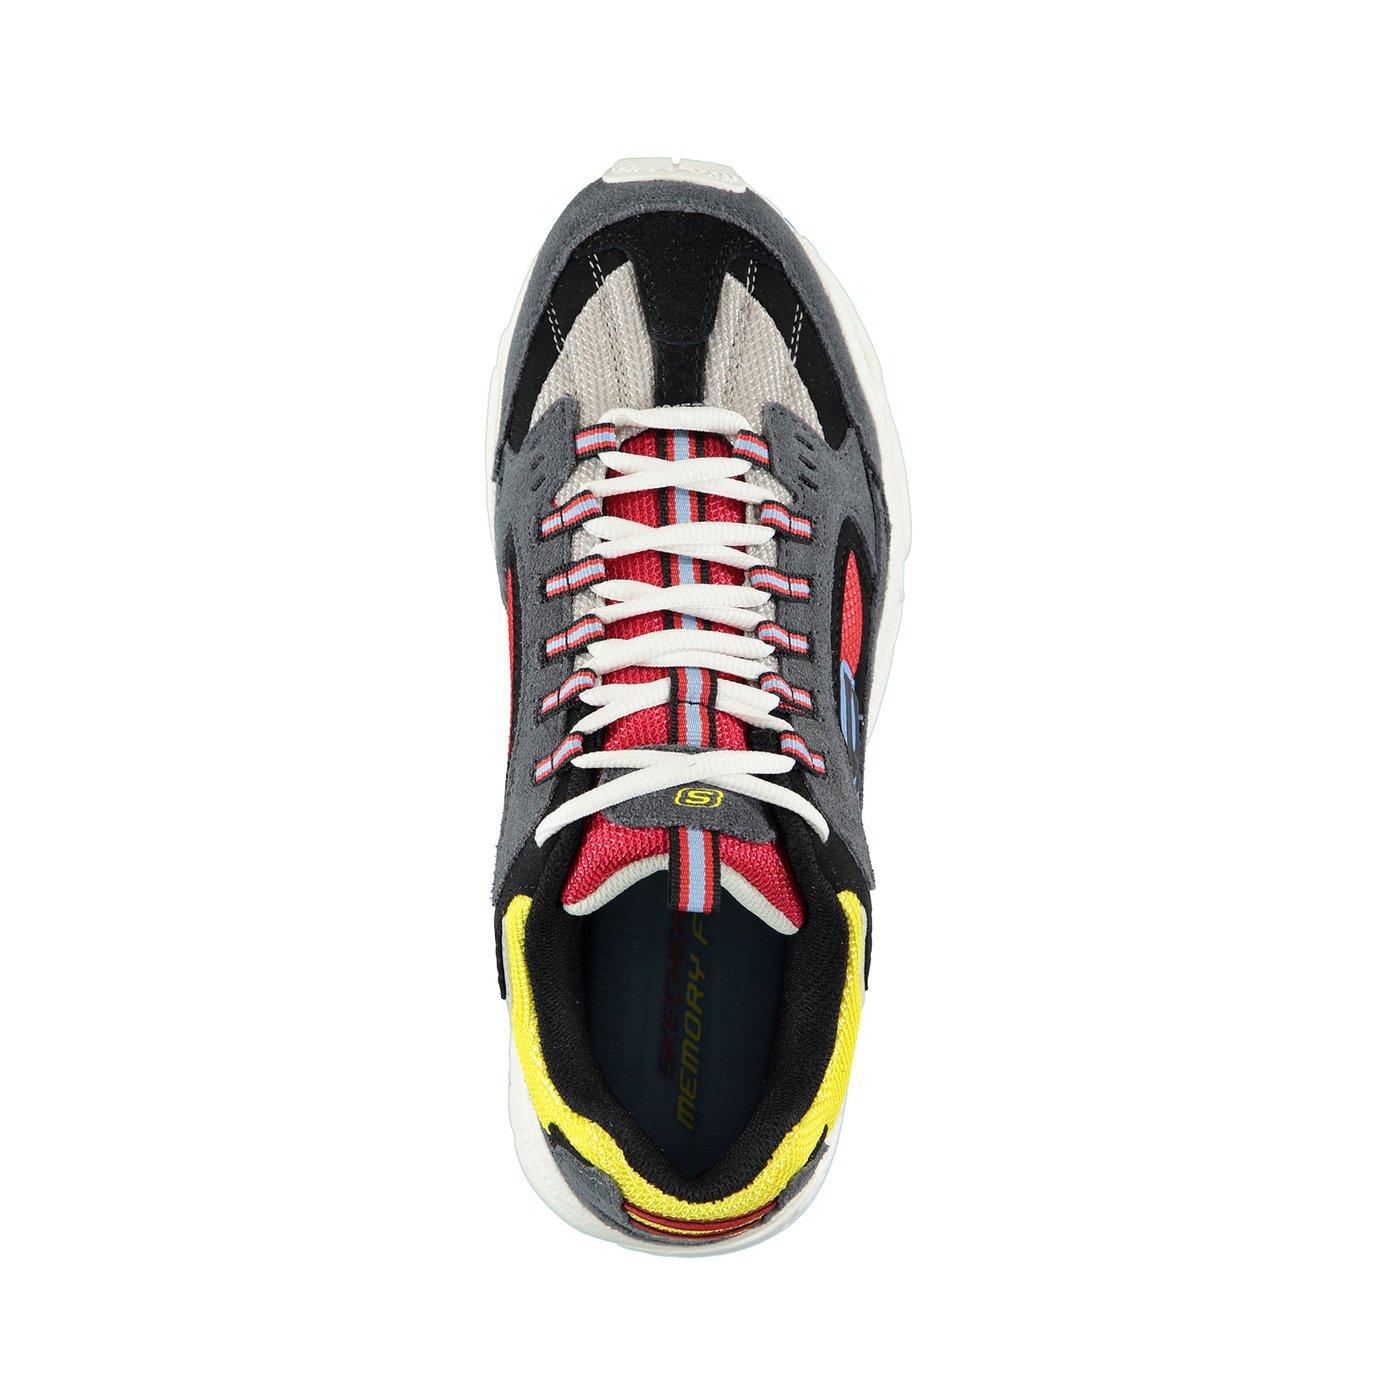 Skechers Stamina- Cutback Erkek Gri-Kırmızı Spor Ayakkabı